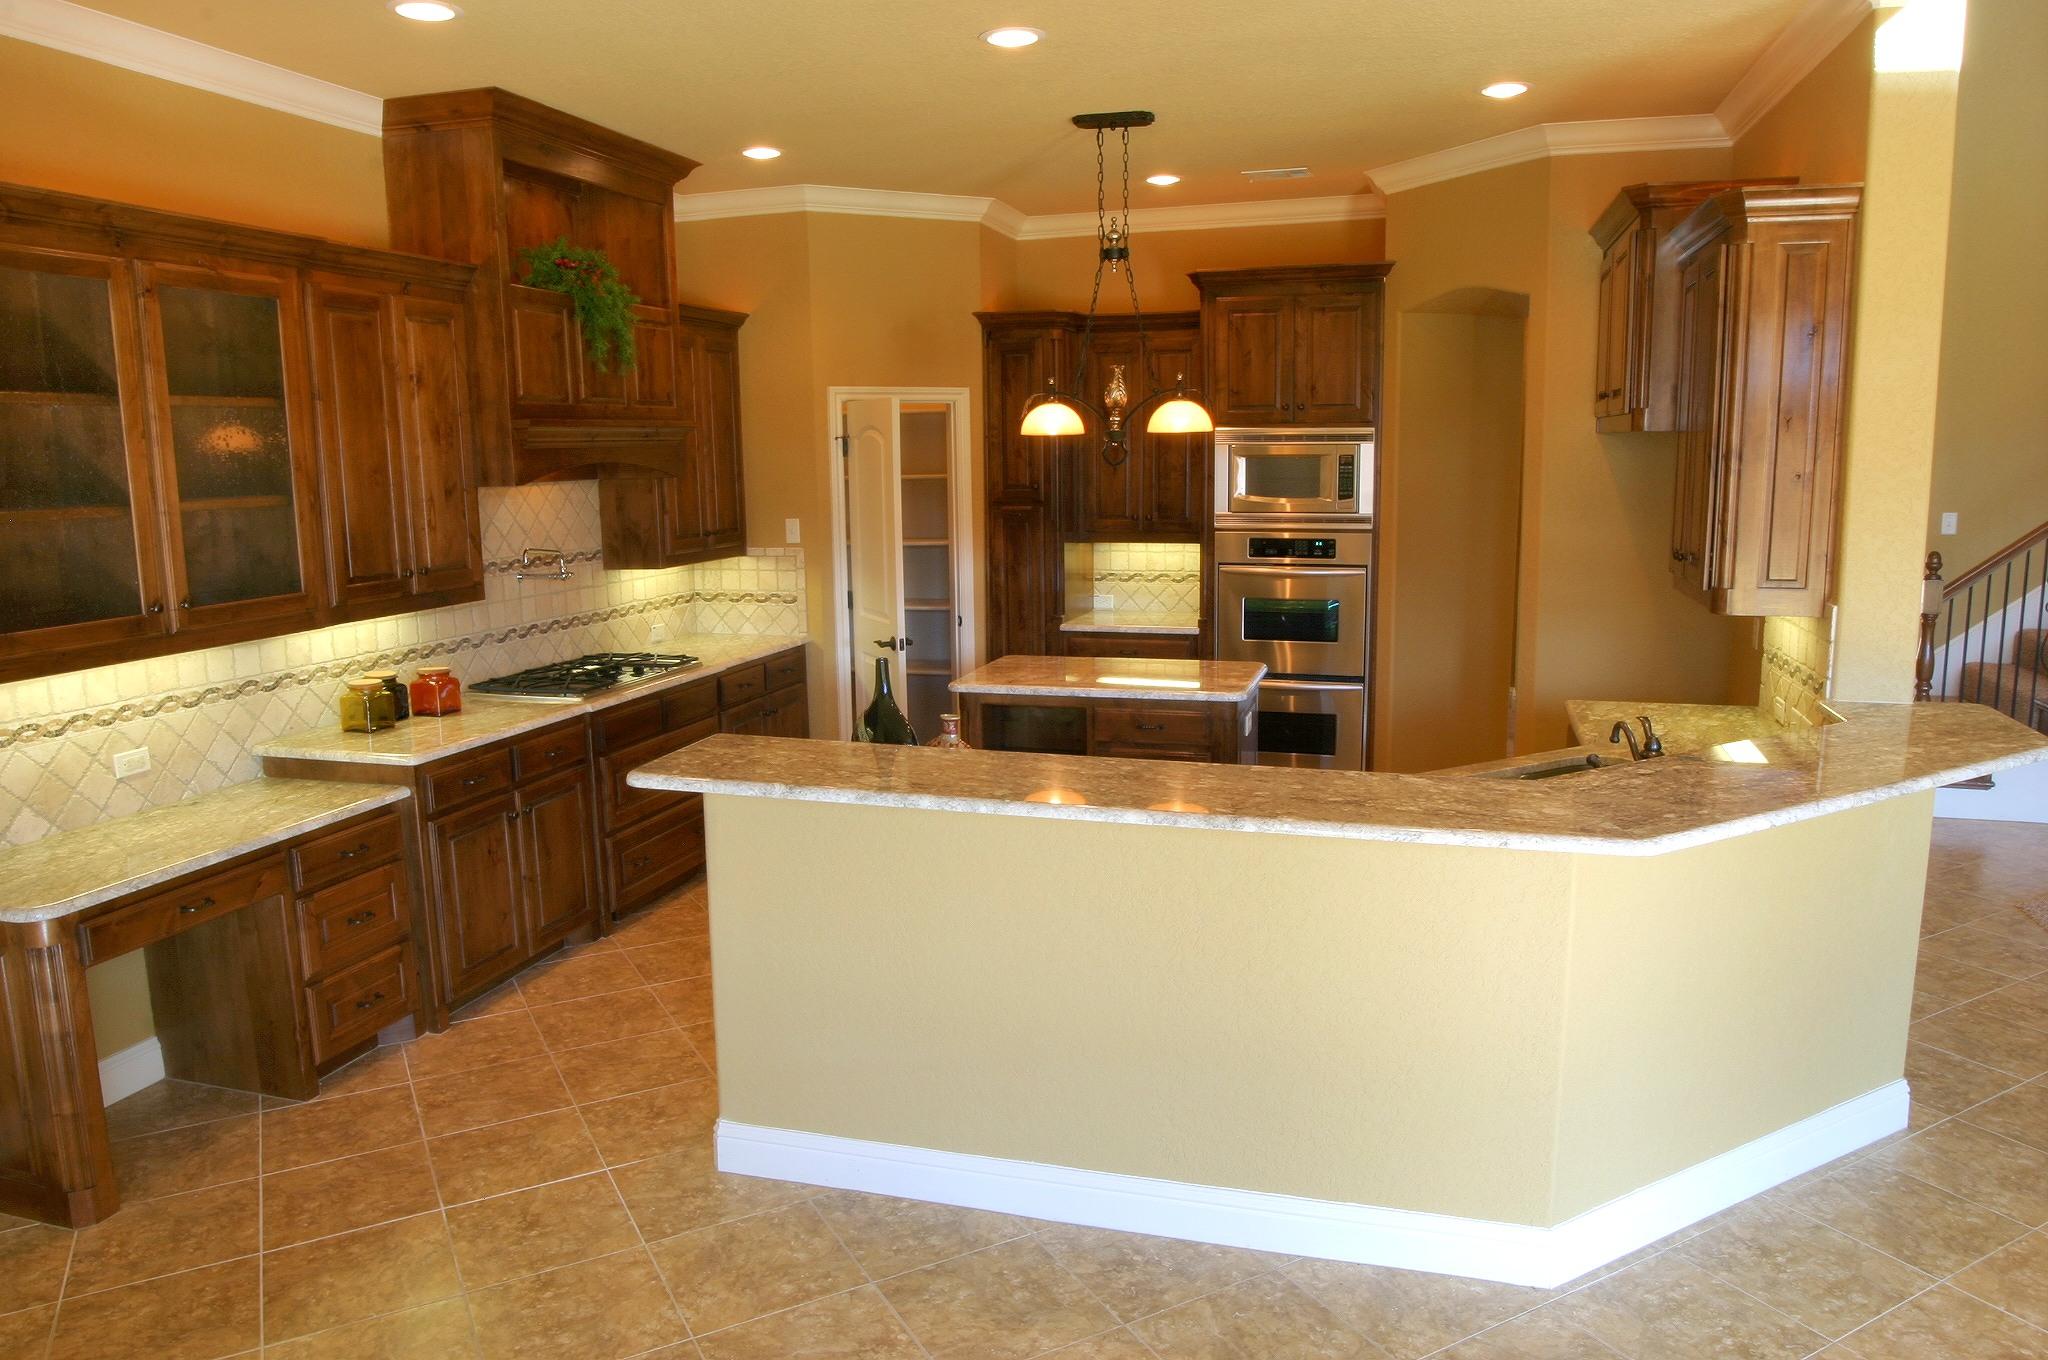 Small kitchen appliances Photo - 6